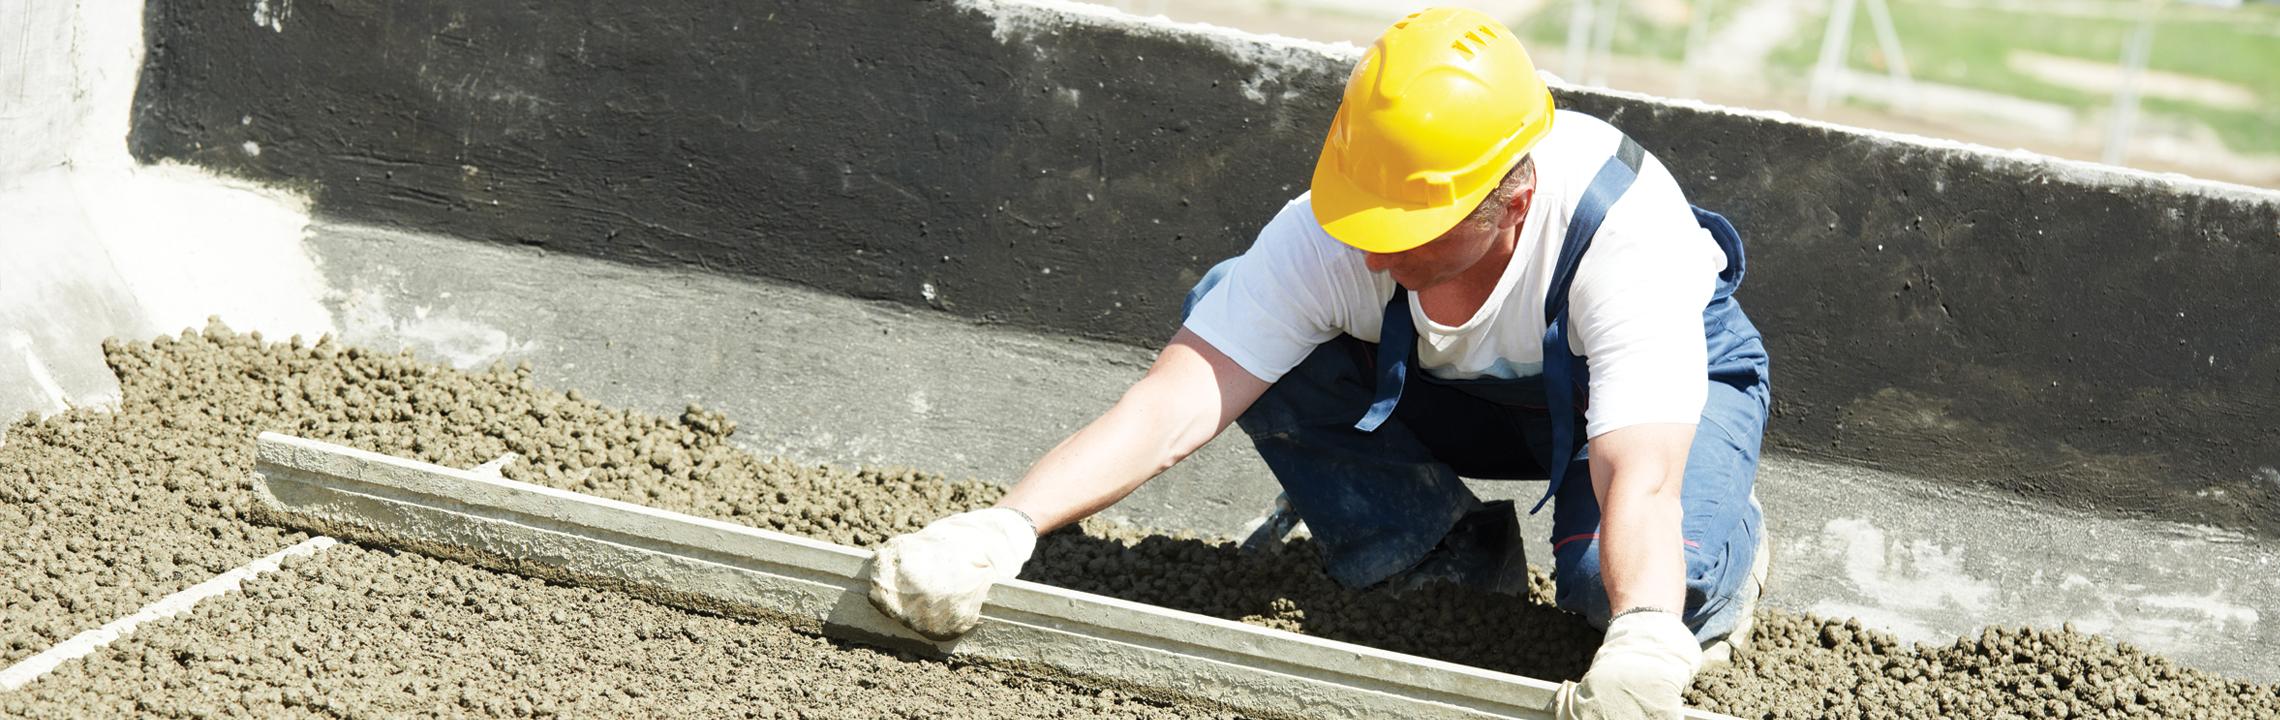 Støbning af beton fundament